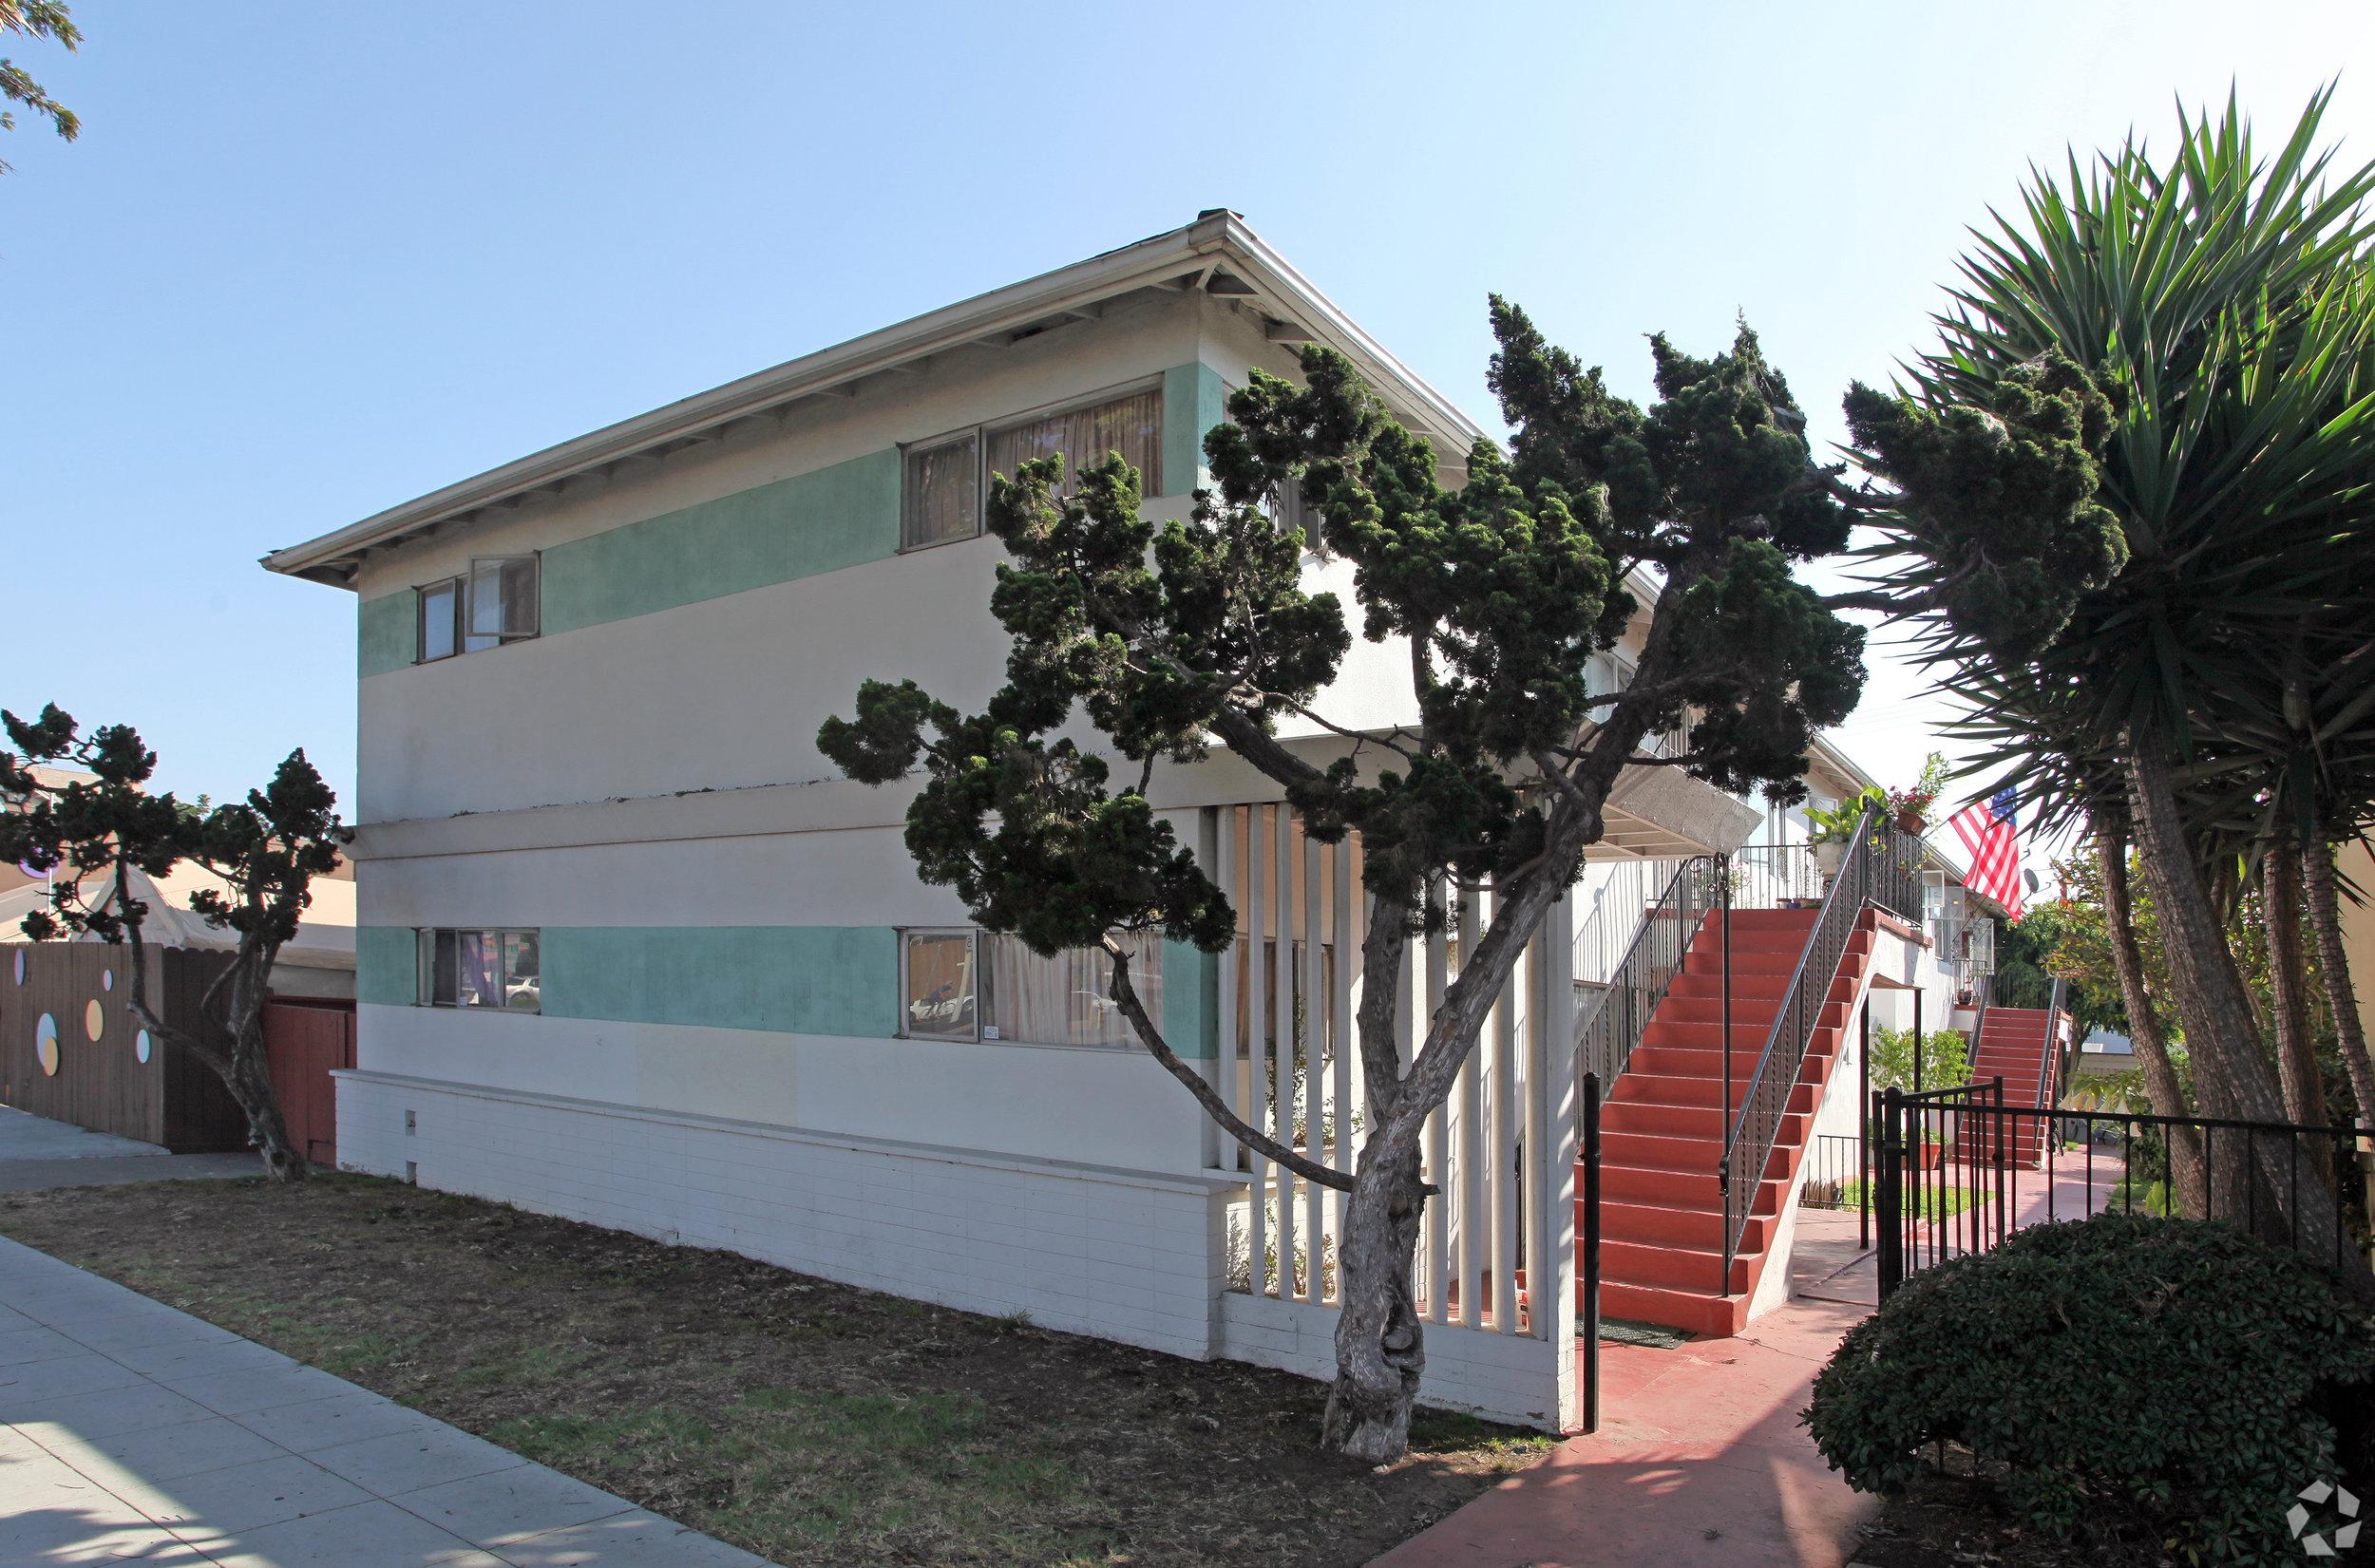 4109 Park Boulevard - Hillcrest8 Units$2,000,000